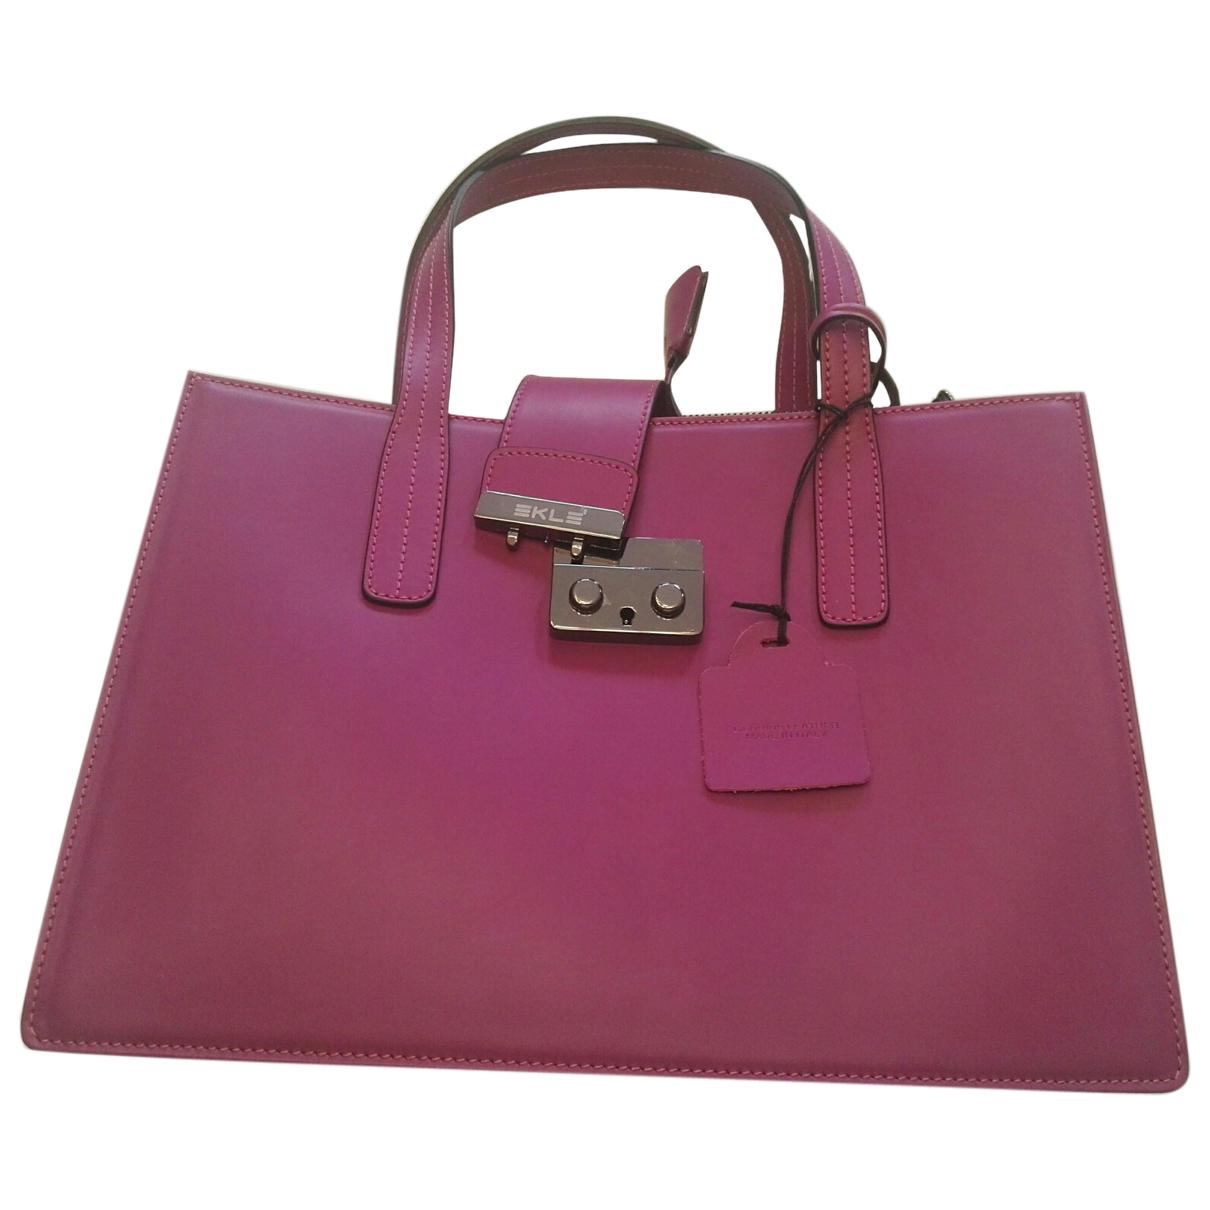 Autre Marque - Sac a main   pour femme en cuir - violet